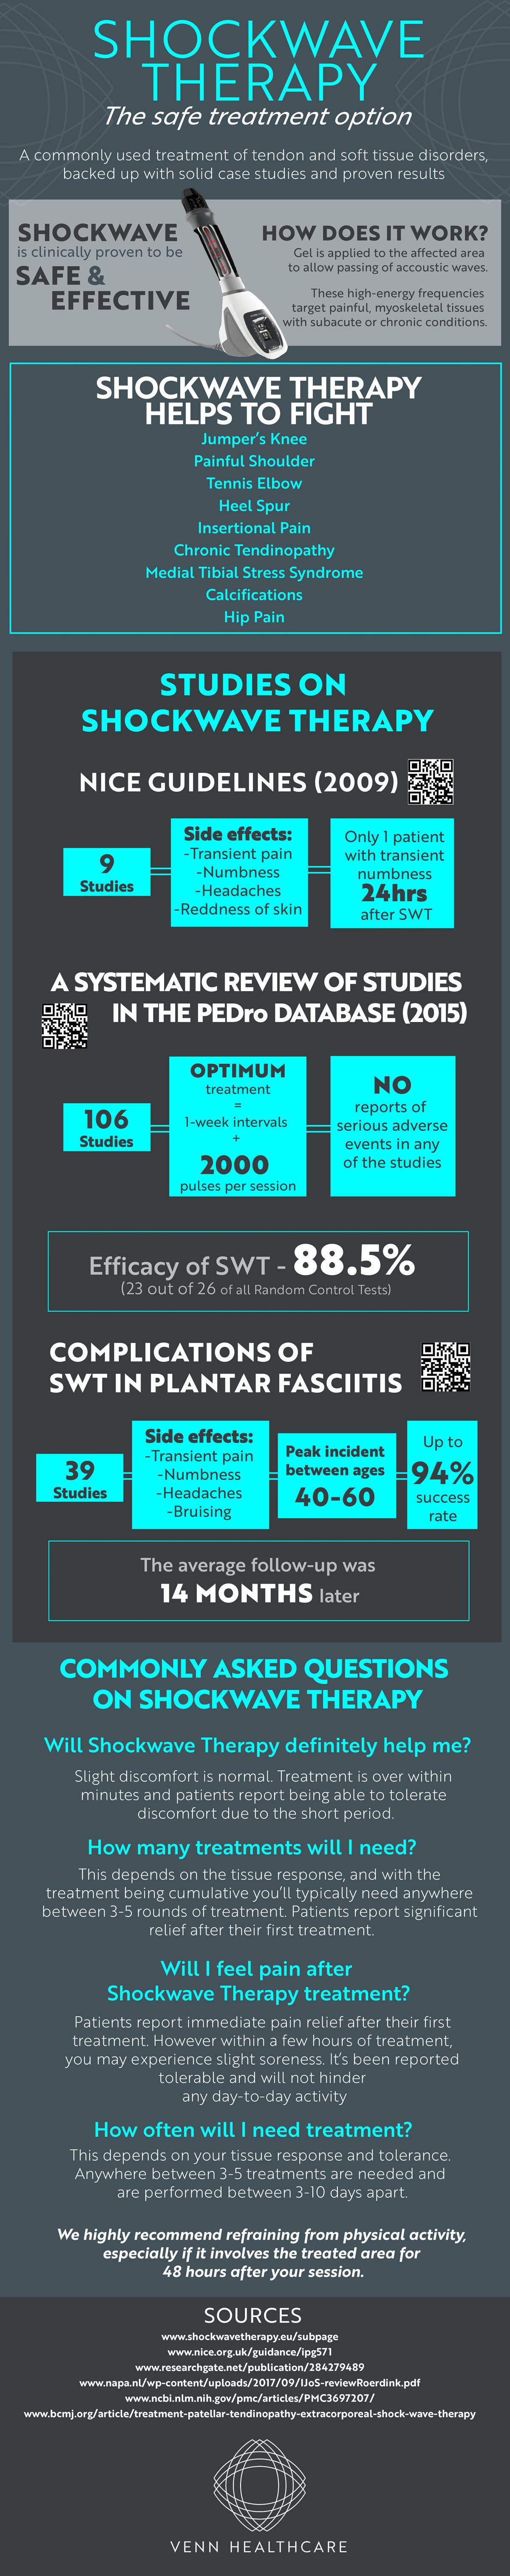 Shockwave Infographic_DOM copy.jpg